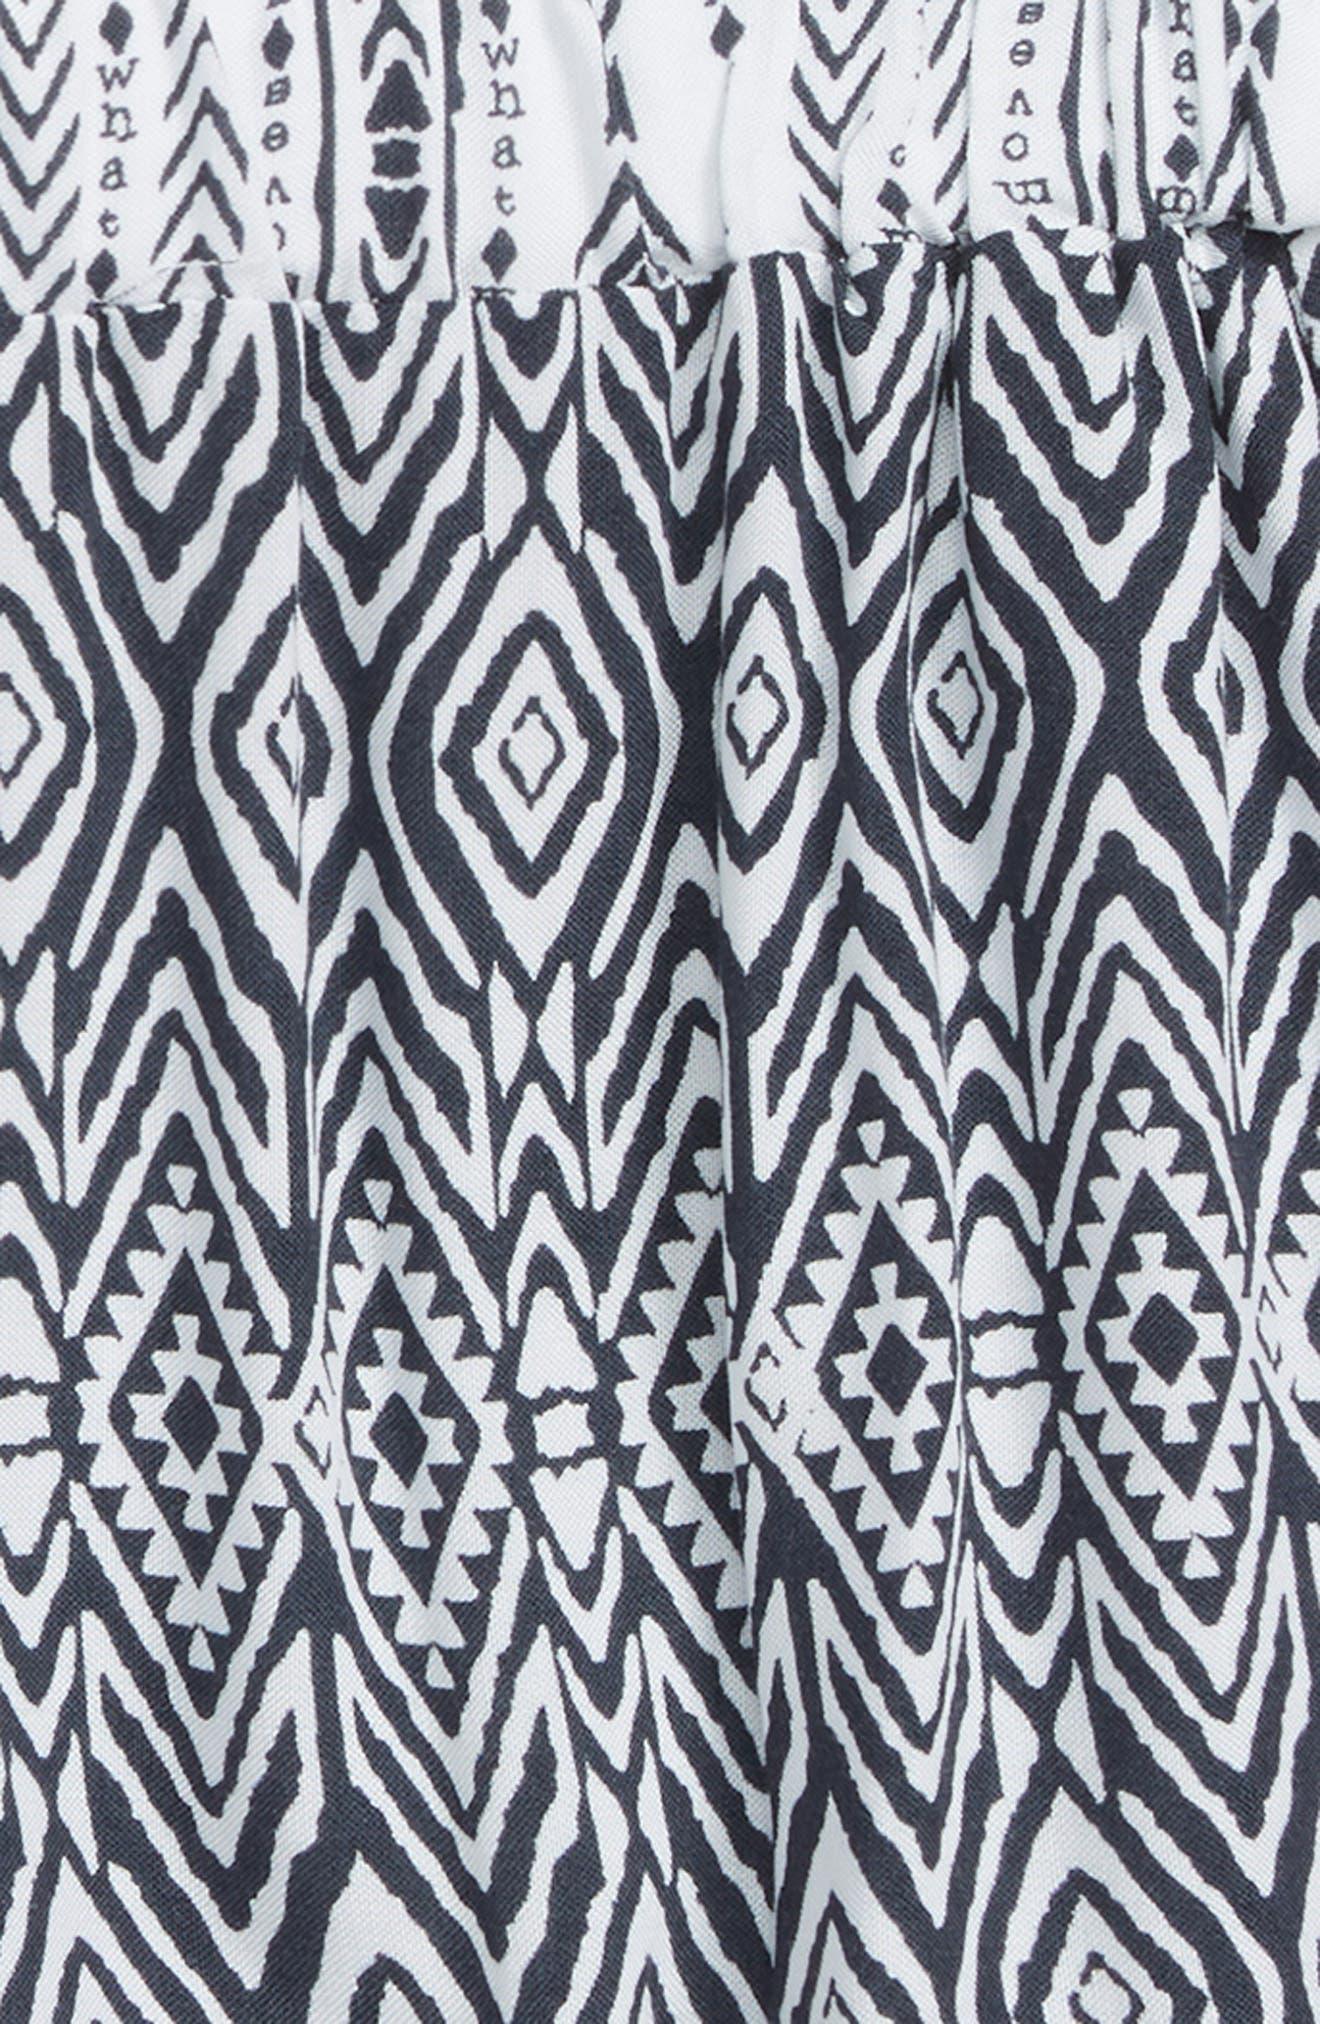 Tribal Print Shorts,                             Alternate thumbnail 2, color,